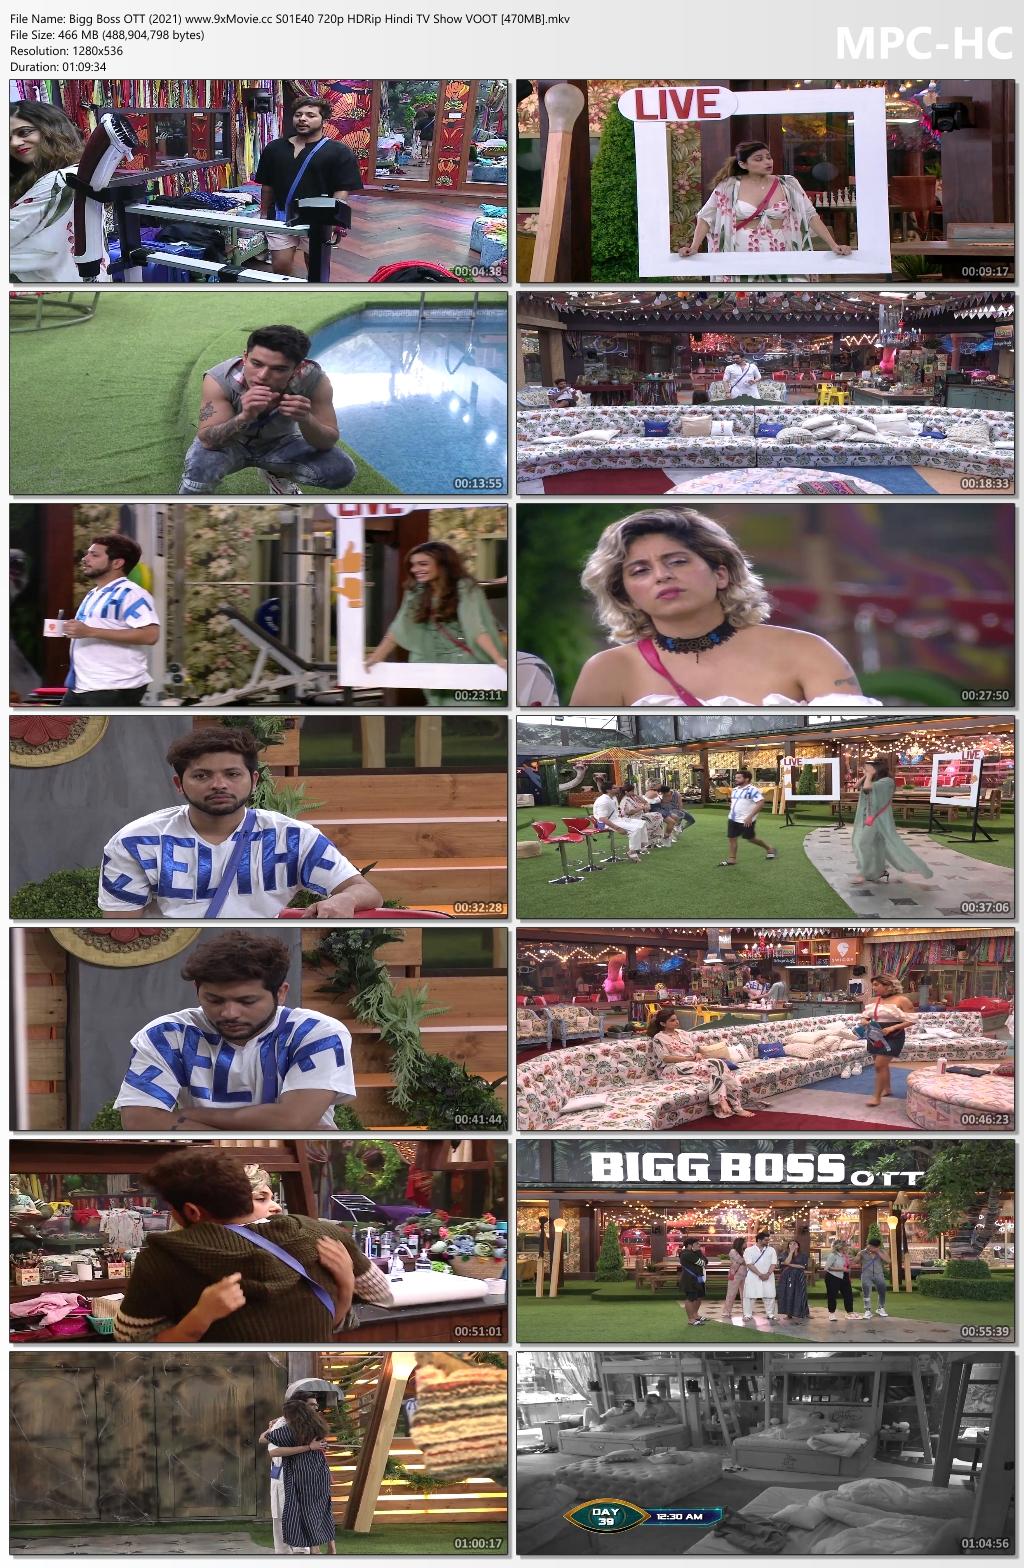 Bigg-Boss-OTT-2021-www-9x-Movie-cc-S01-E40-720p-HDRip-Hindi-TV-Show-VOOT-470-MB-mkv